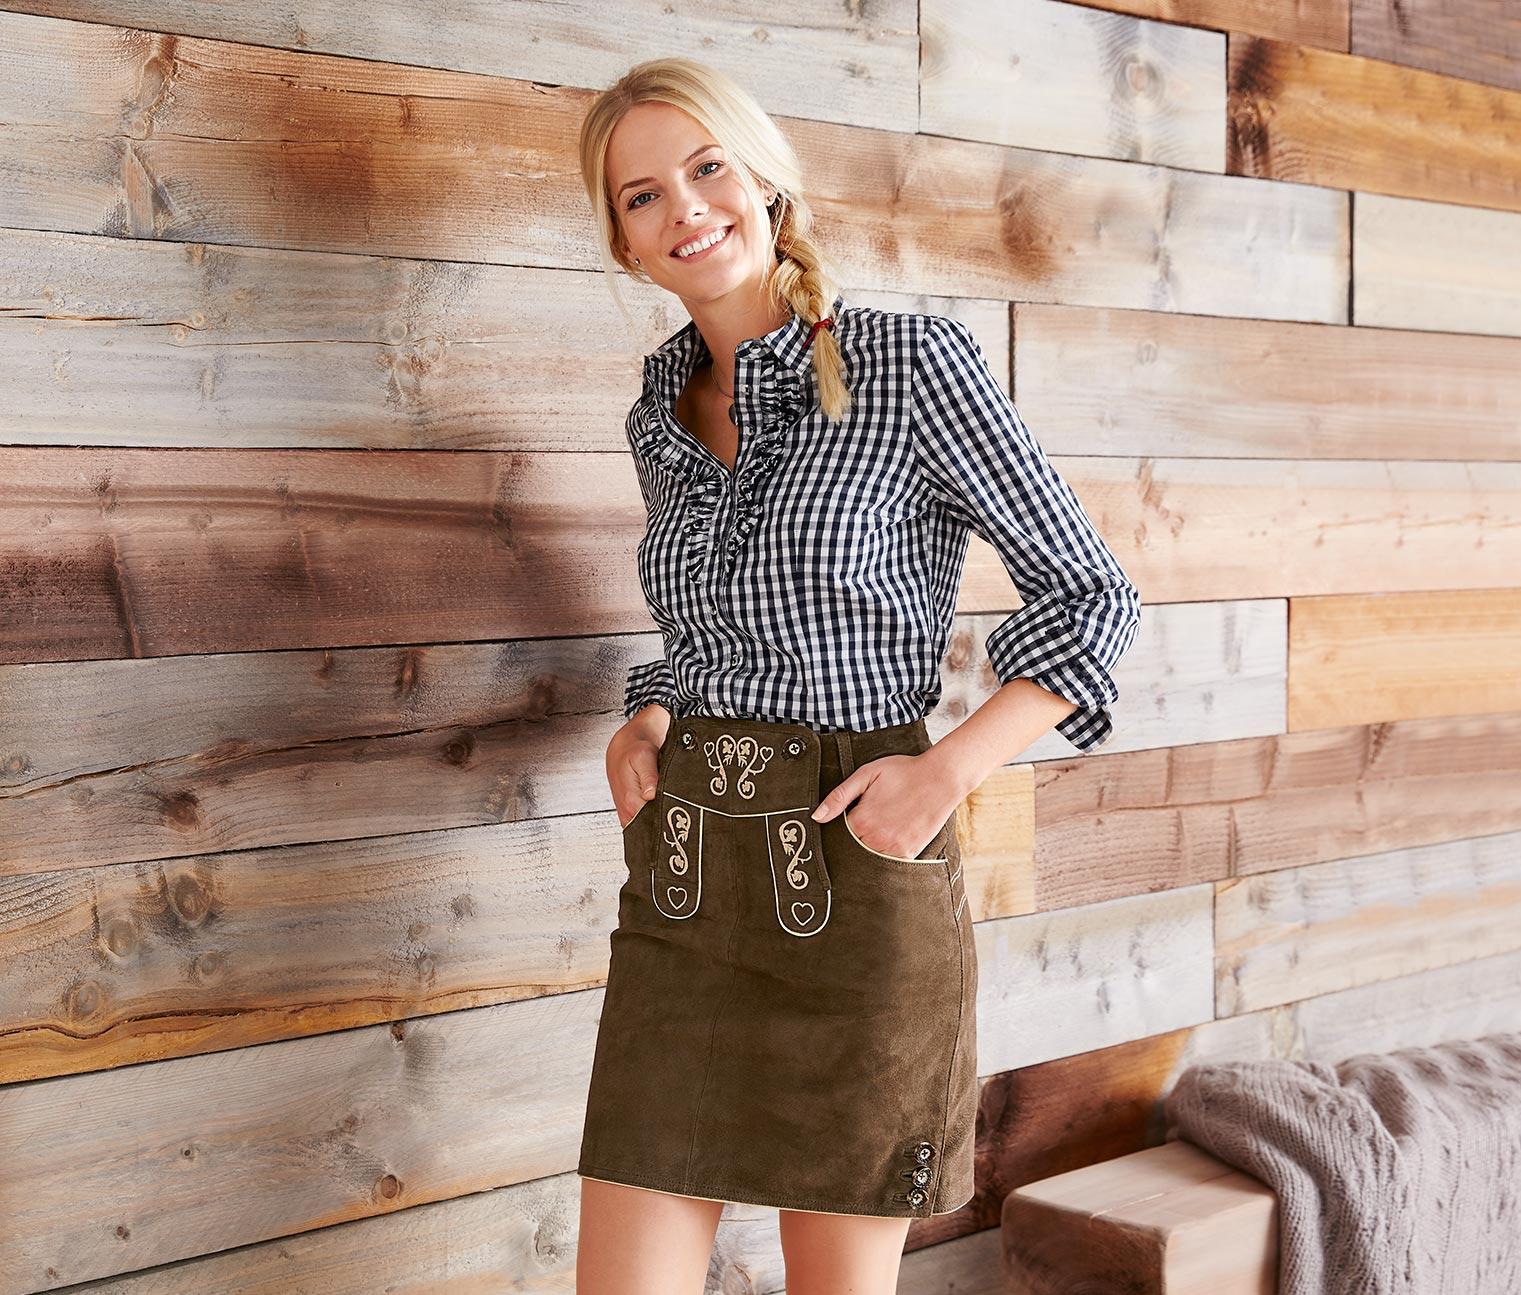 Trachten-Lederrock | Wiesn outfit, Lederrock, Oktoberfest